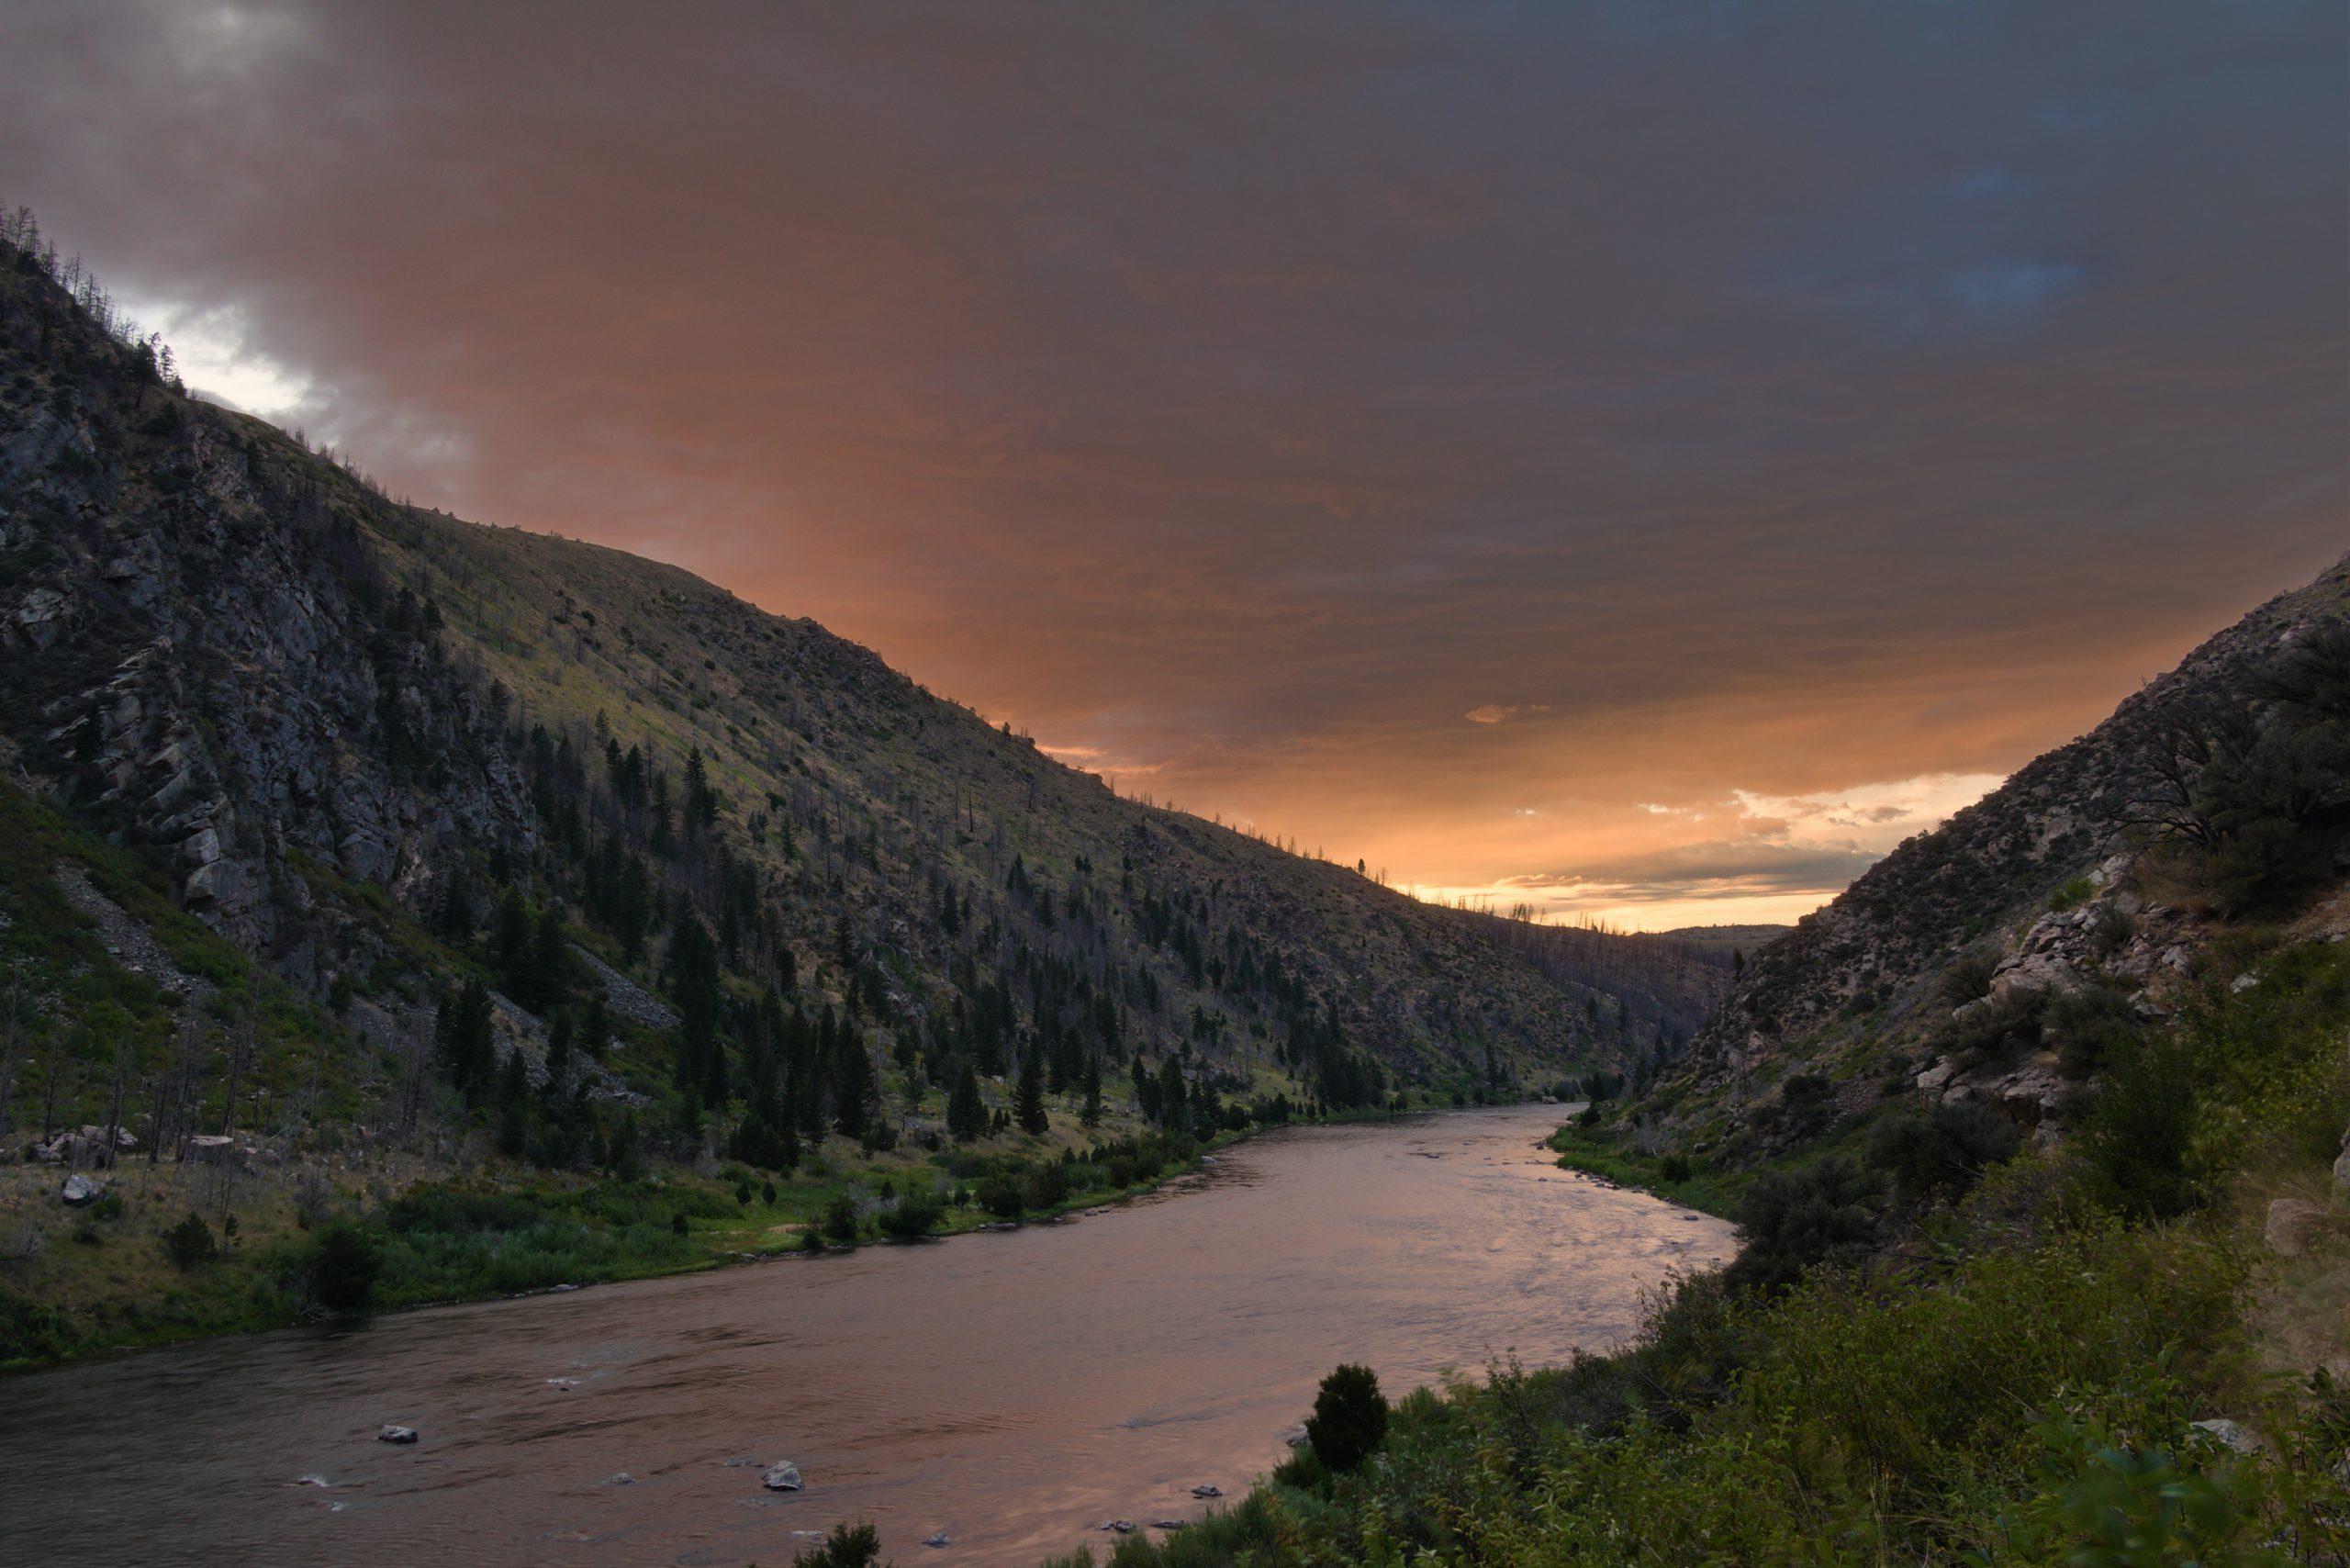 Terrains de campings dotés de bornes de recharge VÉ au Montana